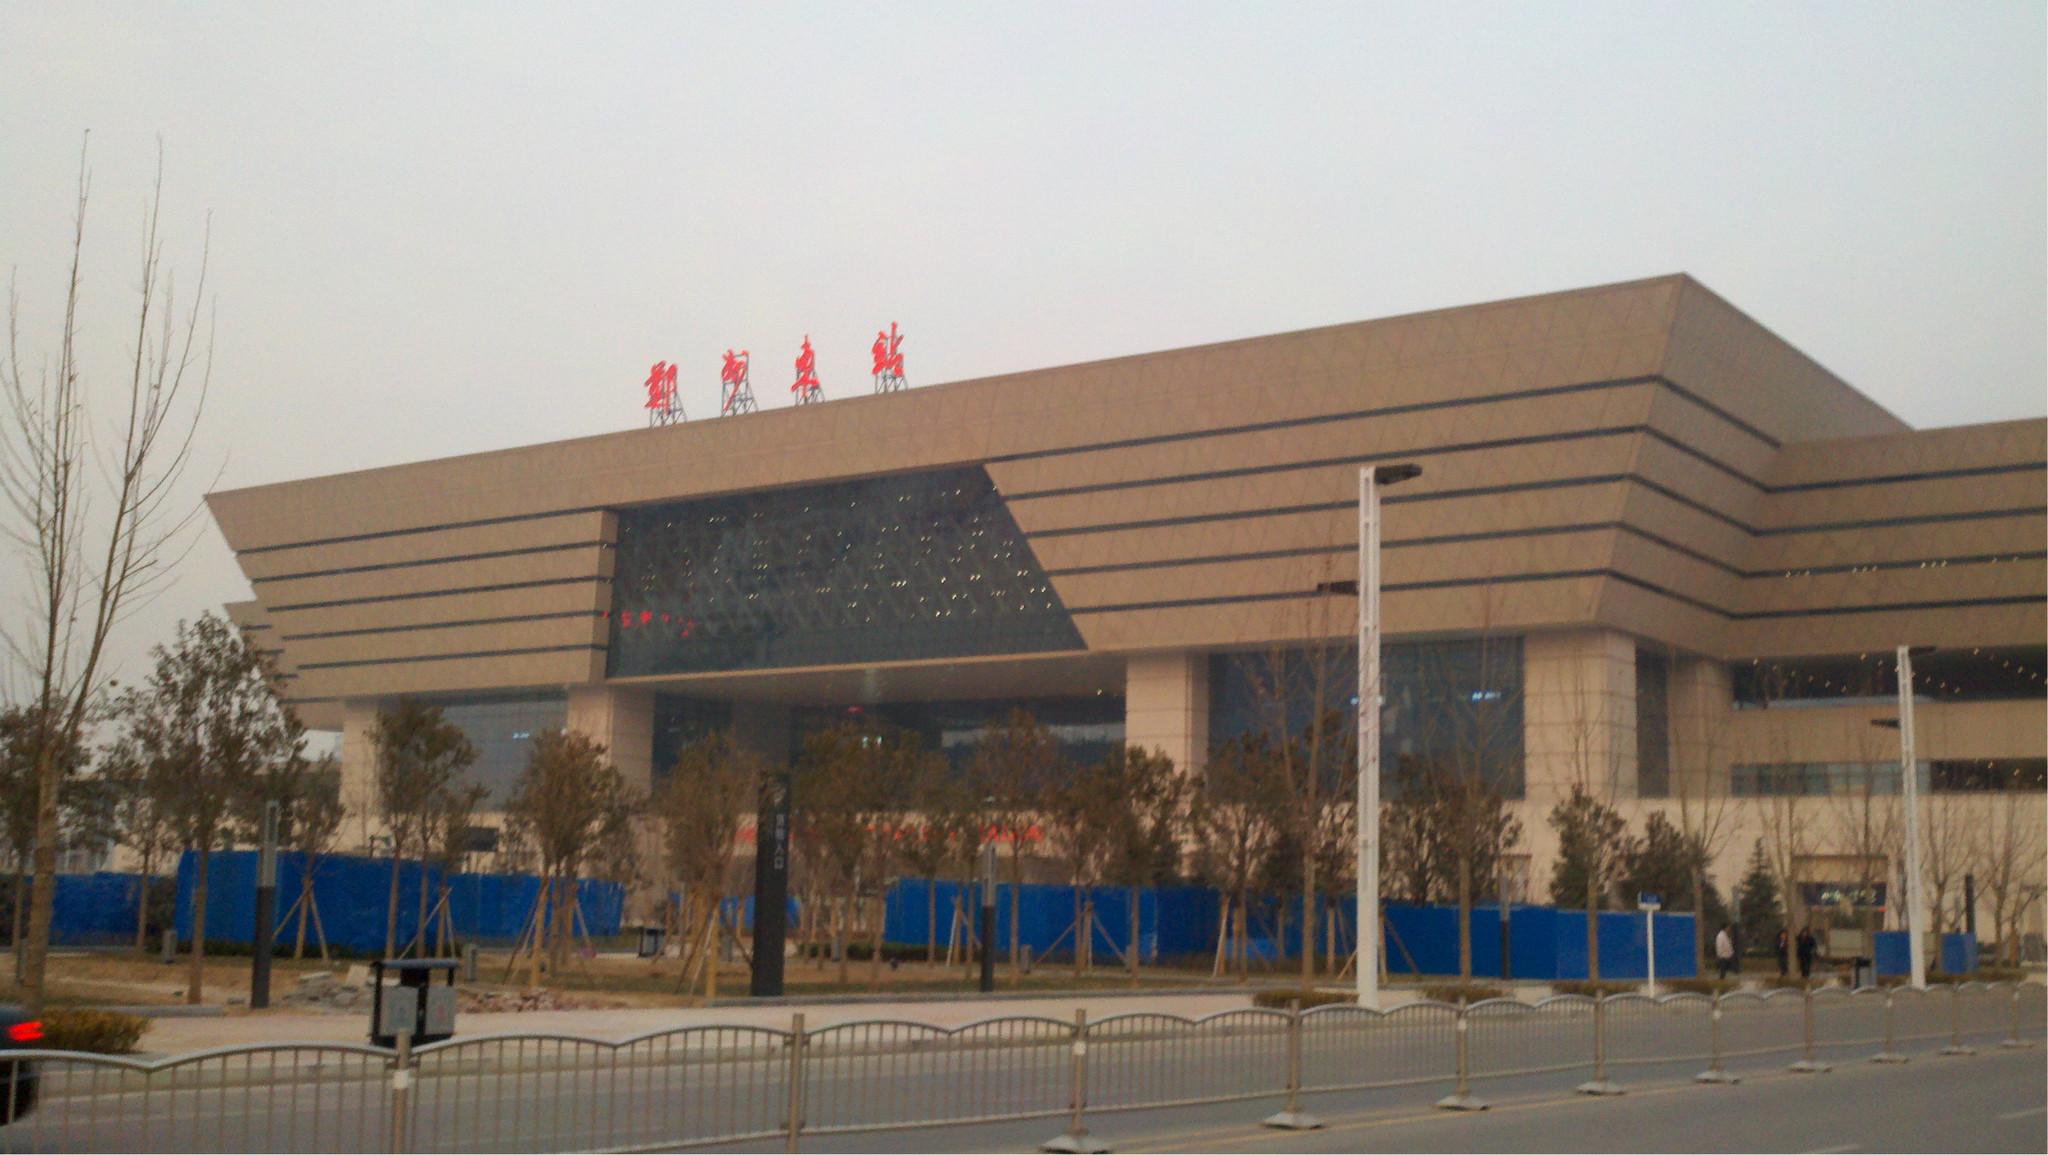 郑州新东站车站_郑州汽车东站月底停用 整体线路搬迁至高铁枢纽站